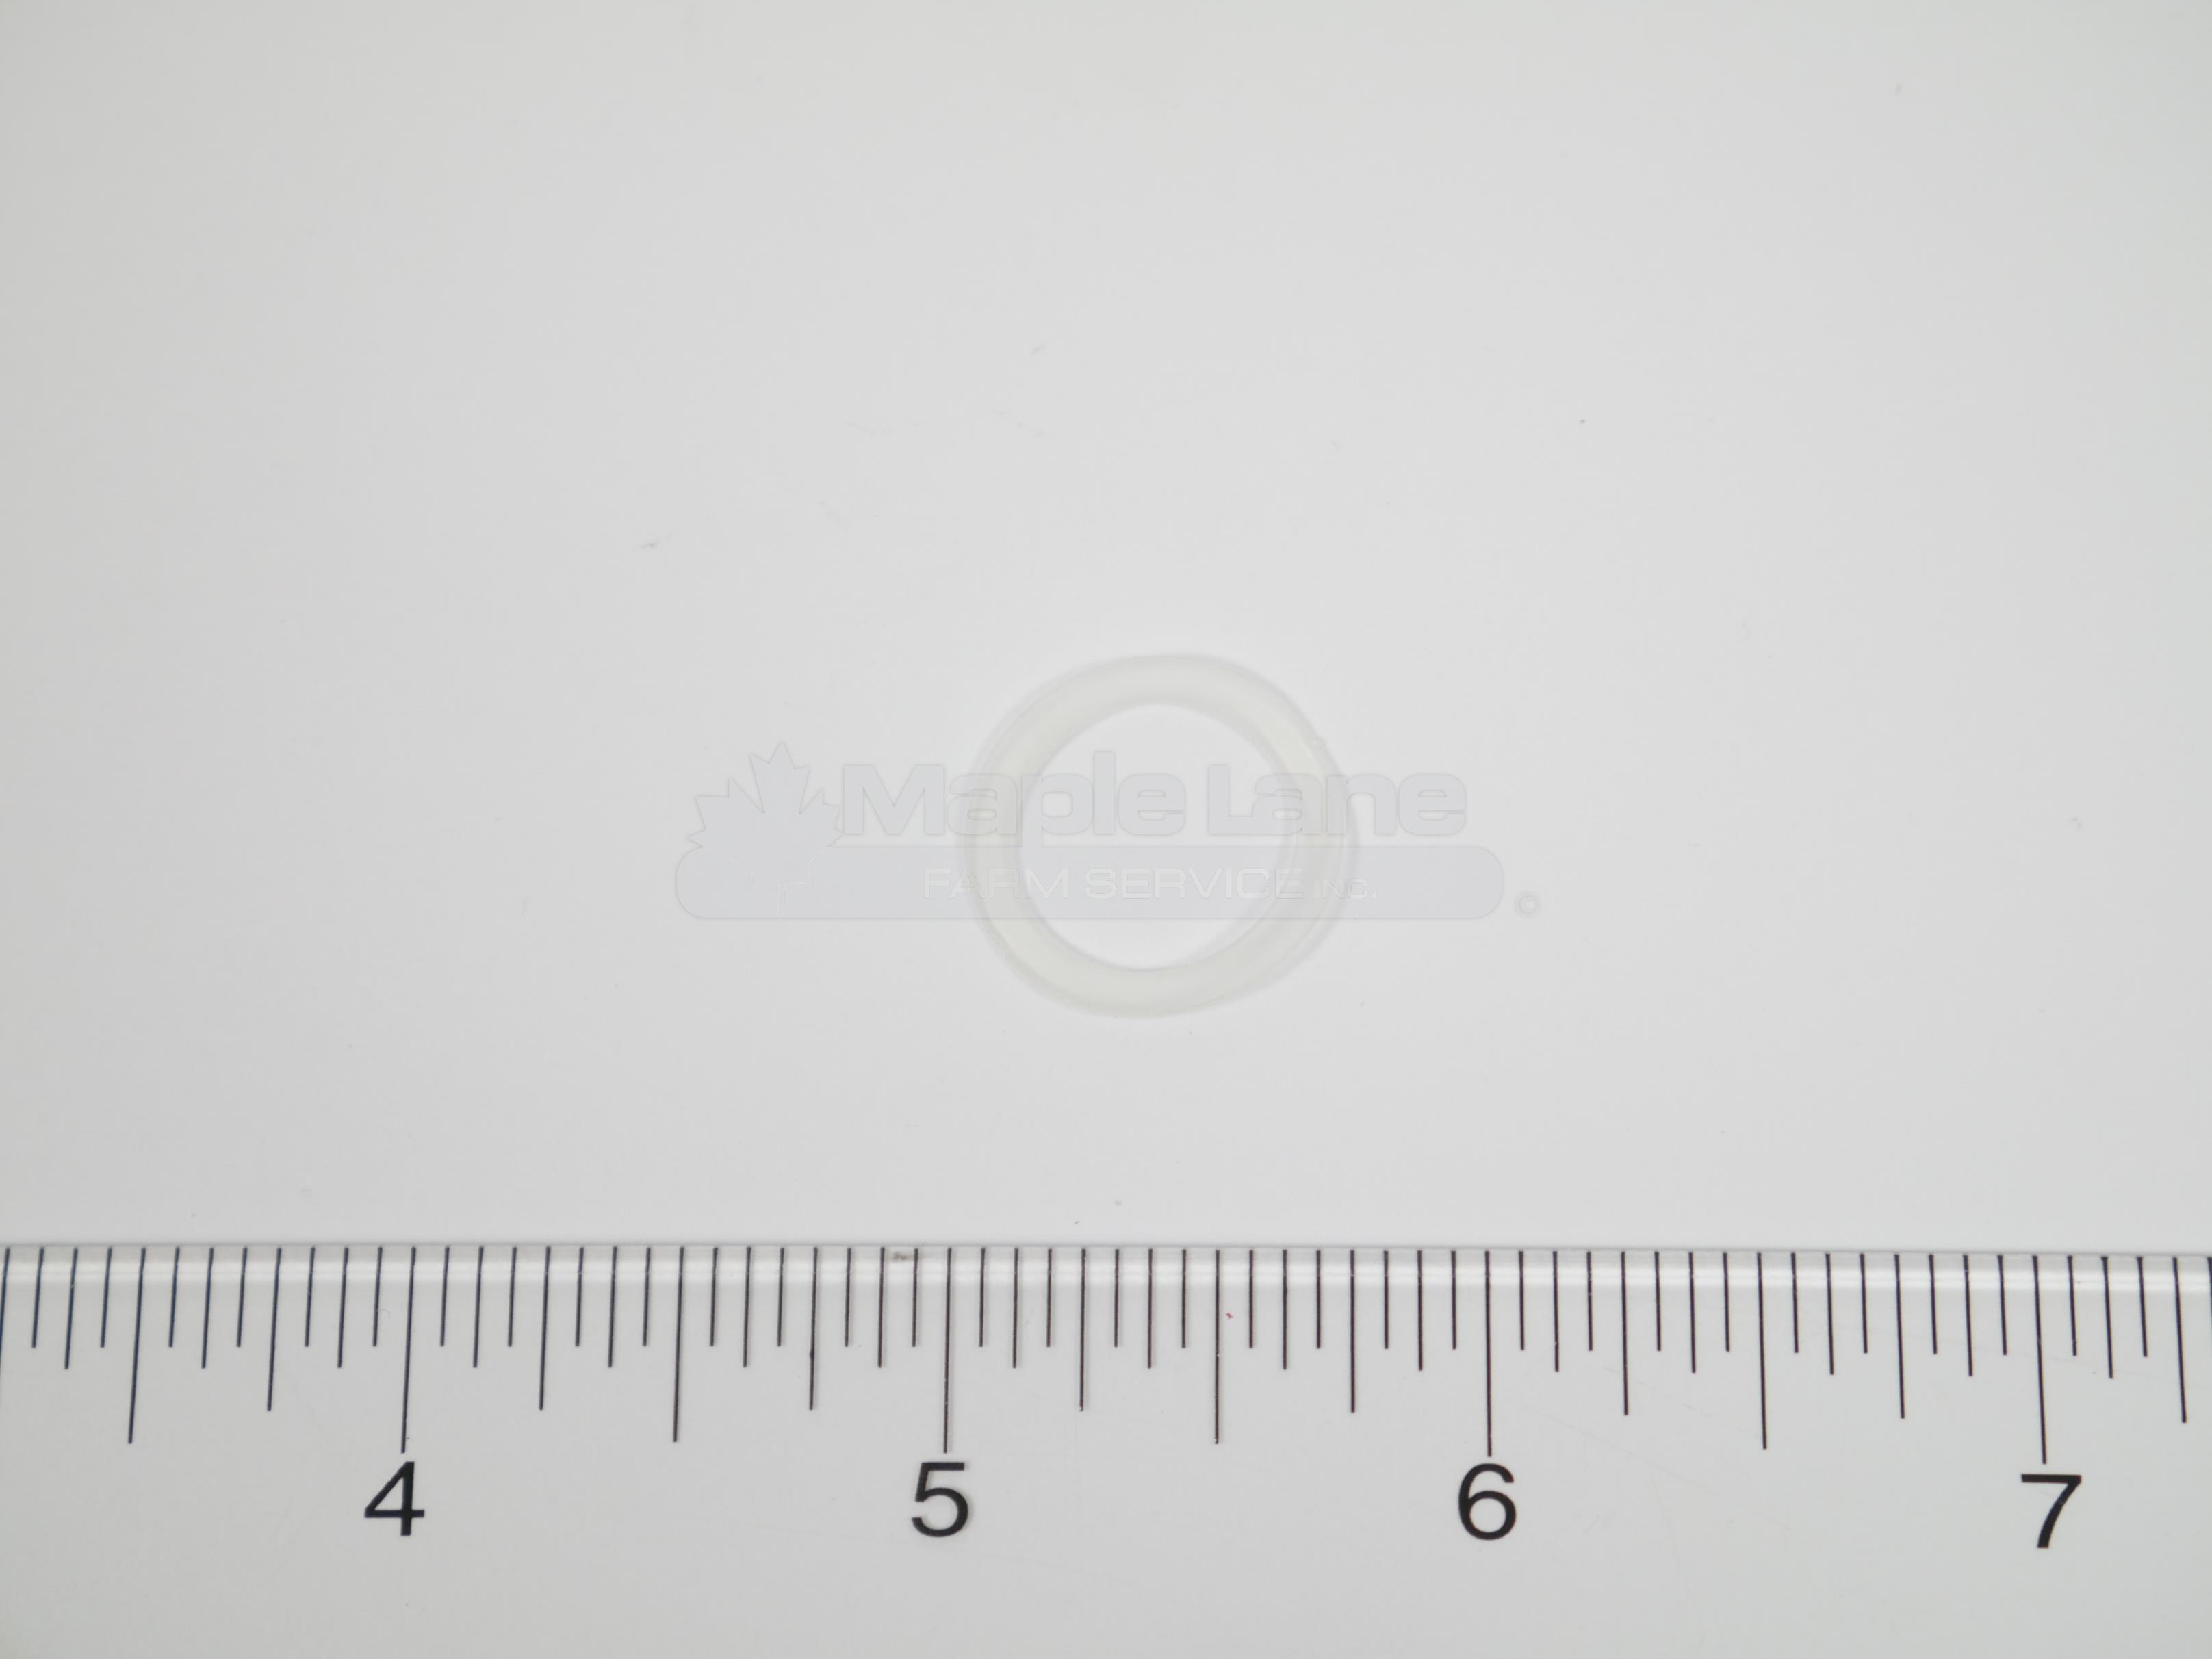 330315 O-Ring 18.4 x 14.0 x 0.6